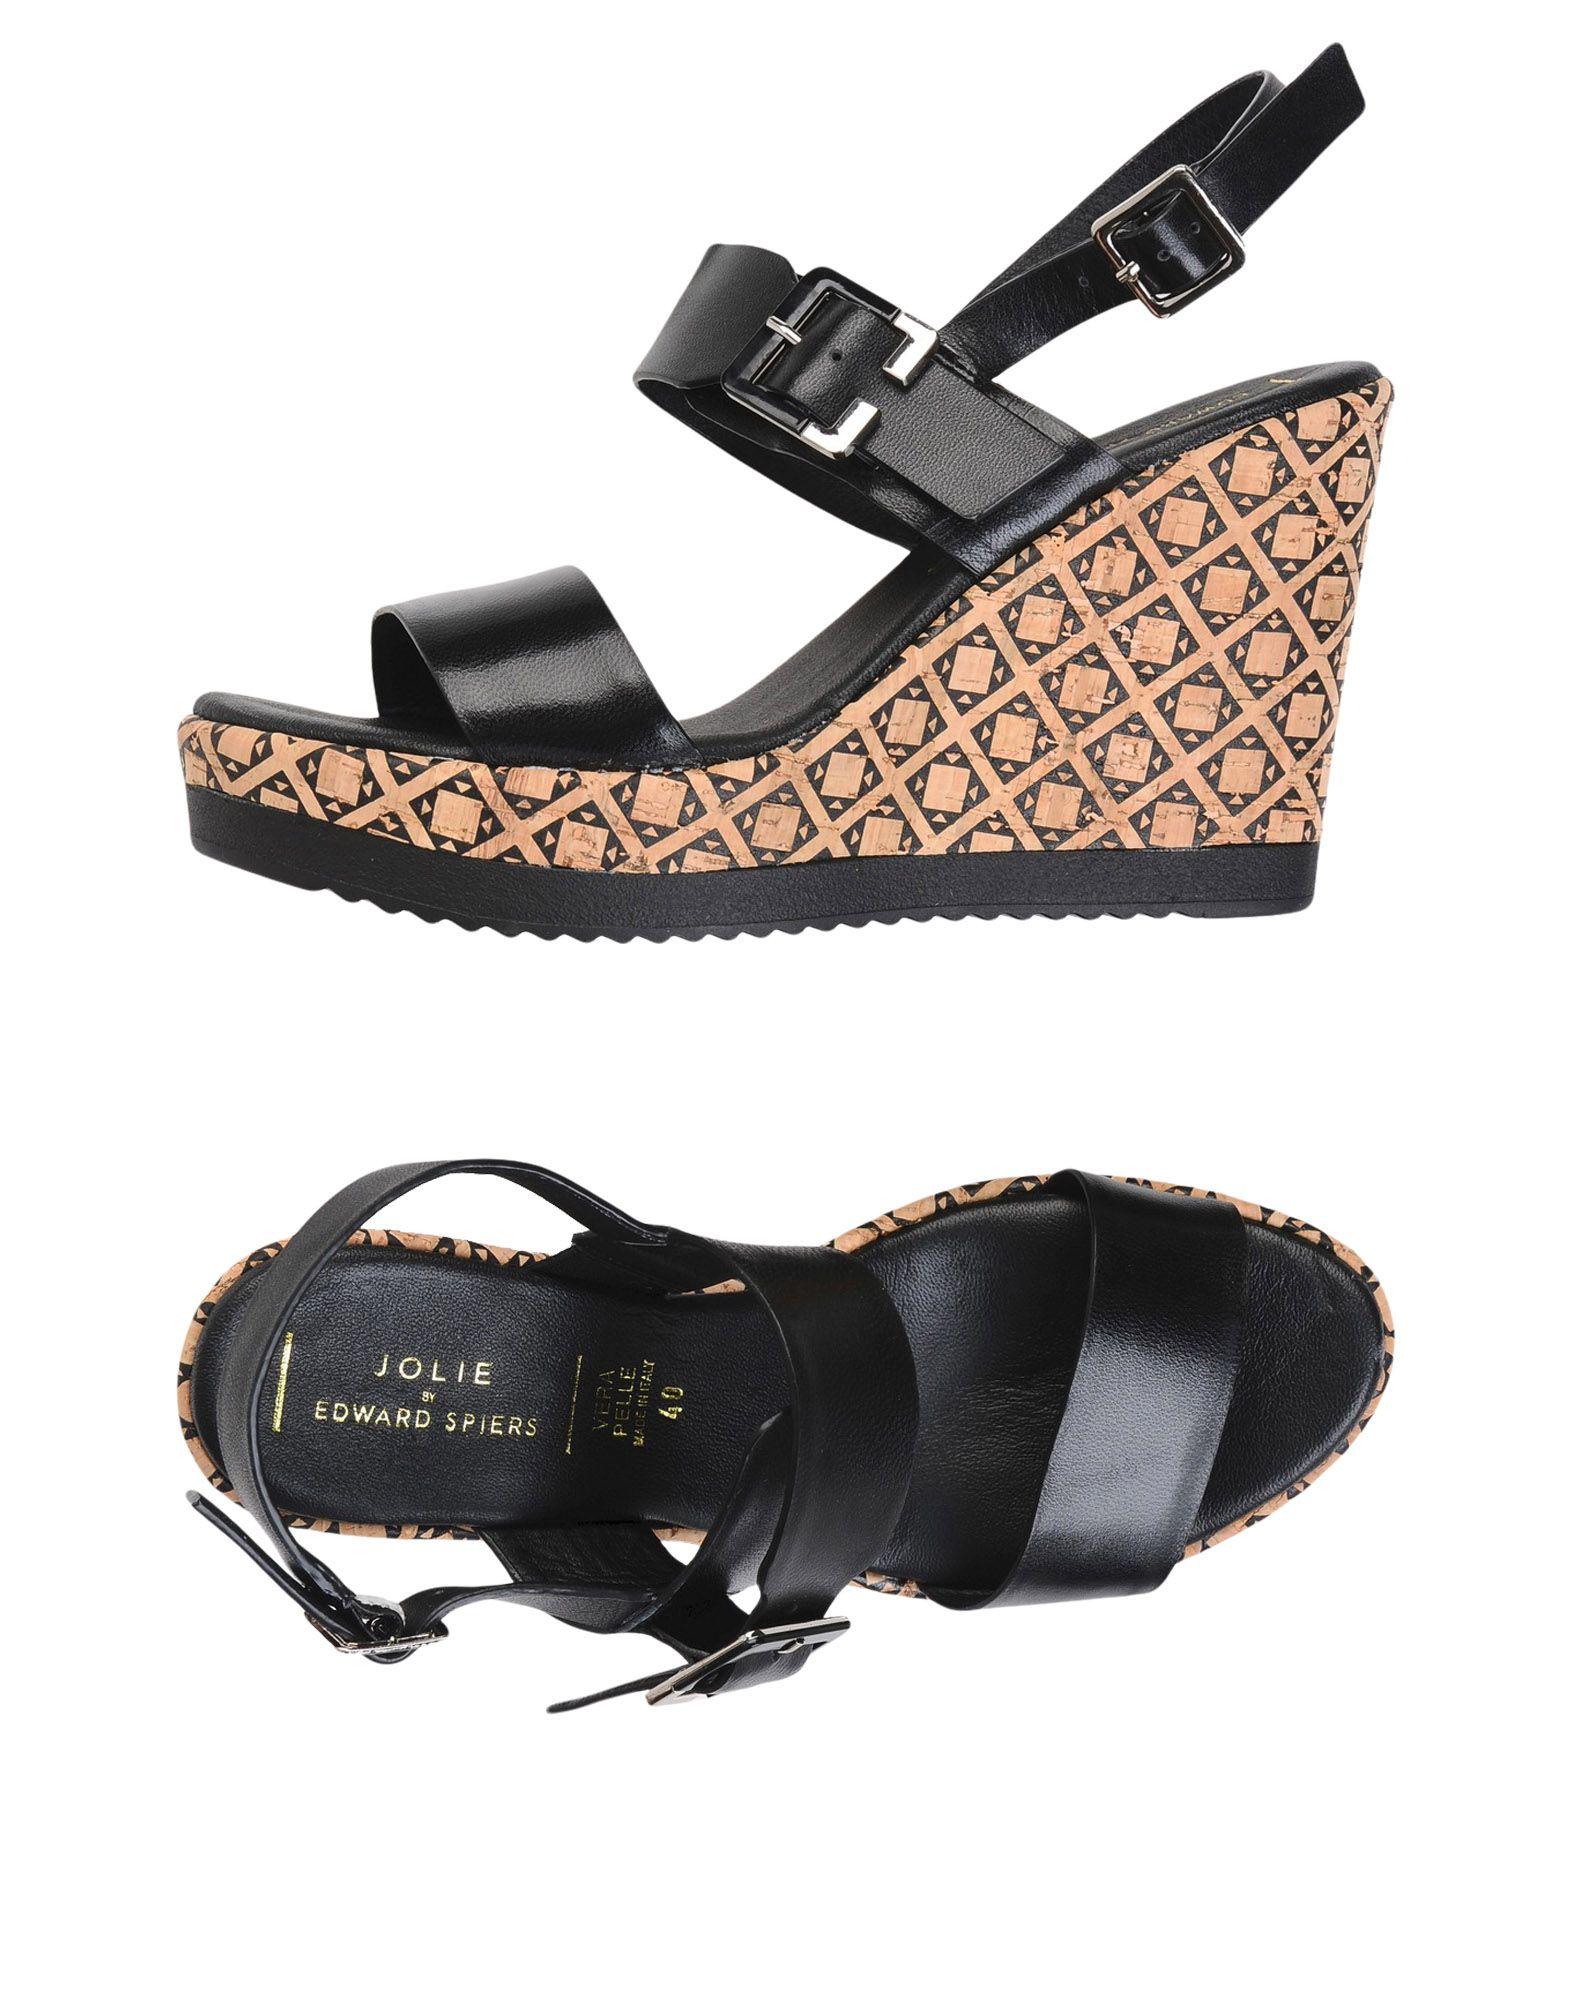 Jolie By Women Edward Spiers Sandals - Women By Jolie By Edward Spiers Sandals online on  Australia - 11470296TE 8726af